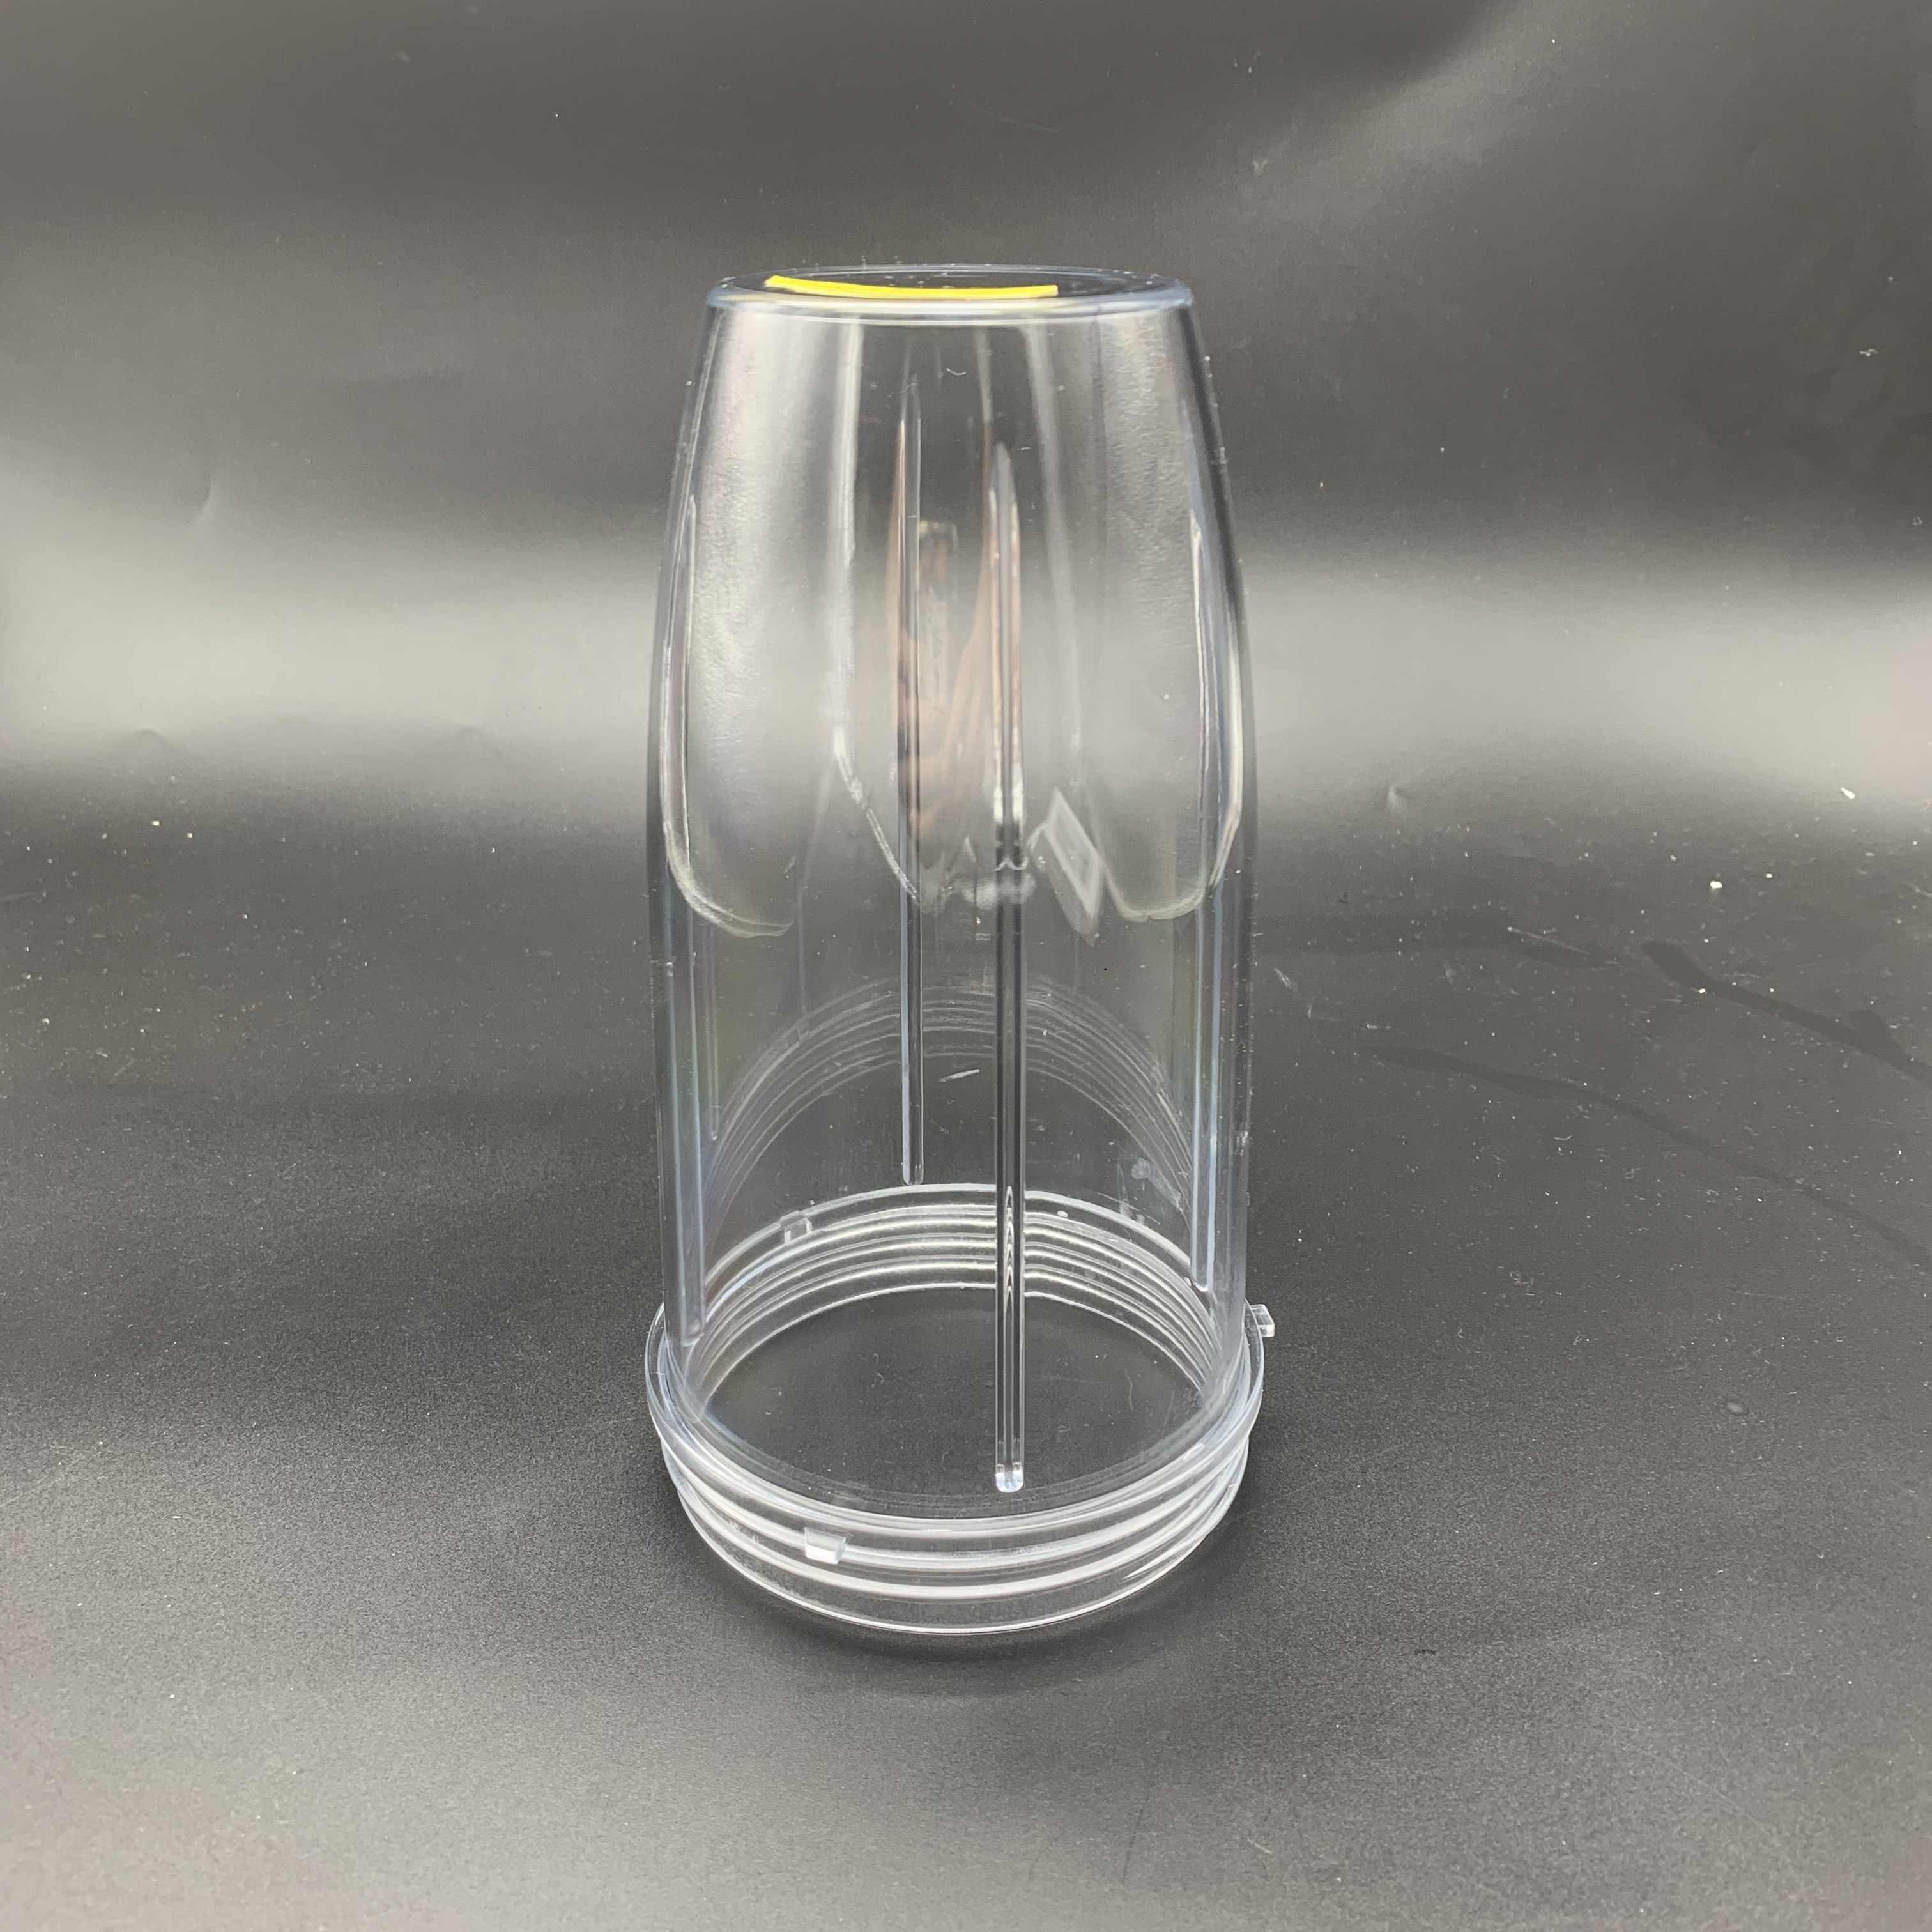 32 Oz Cinza Substituição Copo Transparente Com Tampa de Plástico Para Peças Liquidificador Espremedor Nutribullet Para Nutri Para Bala